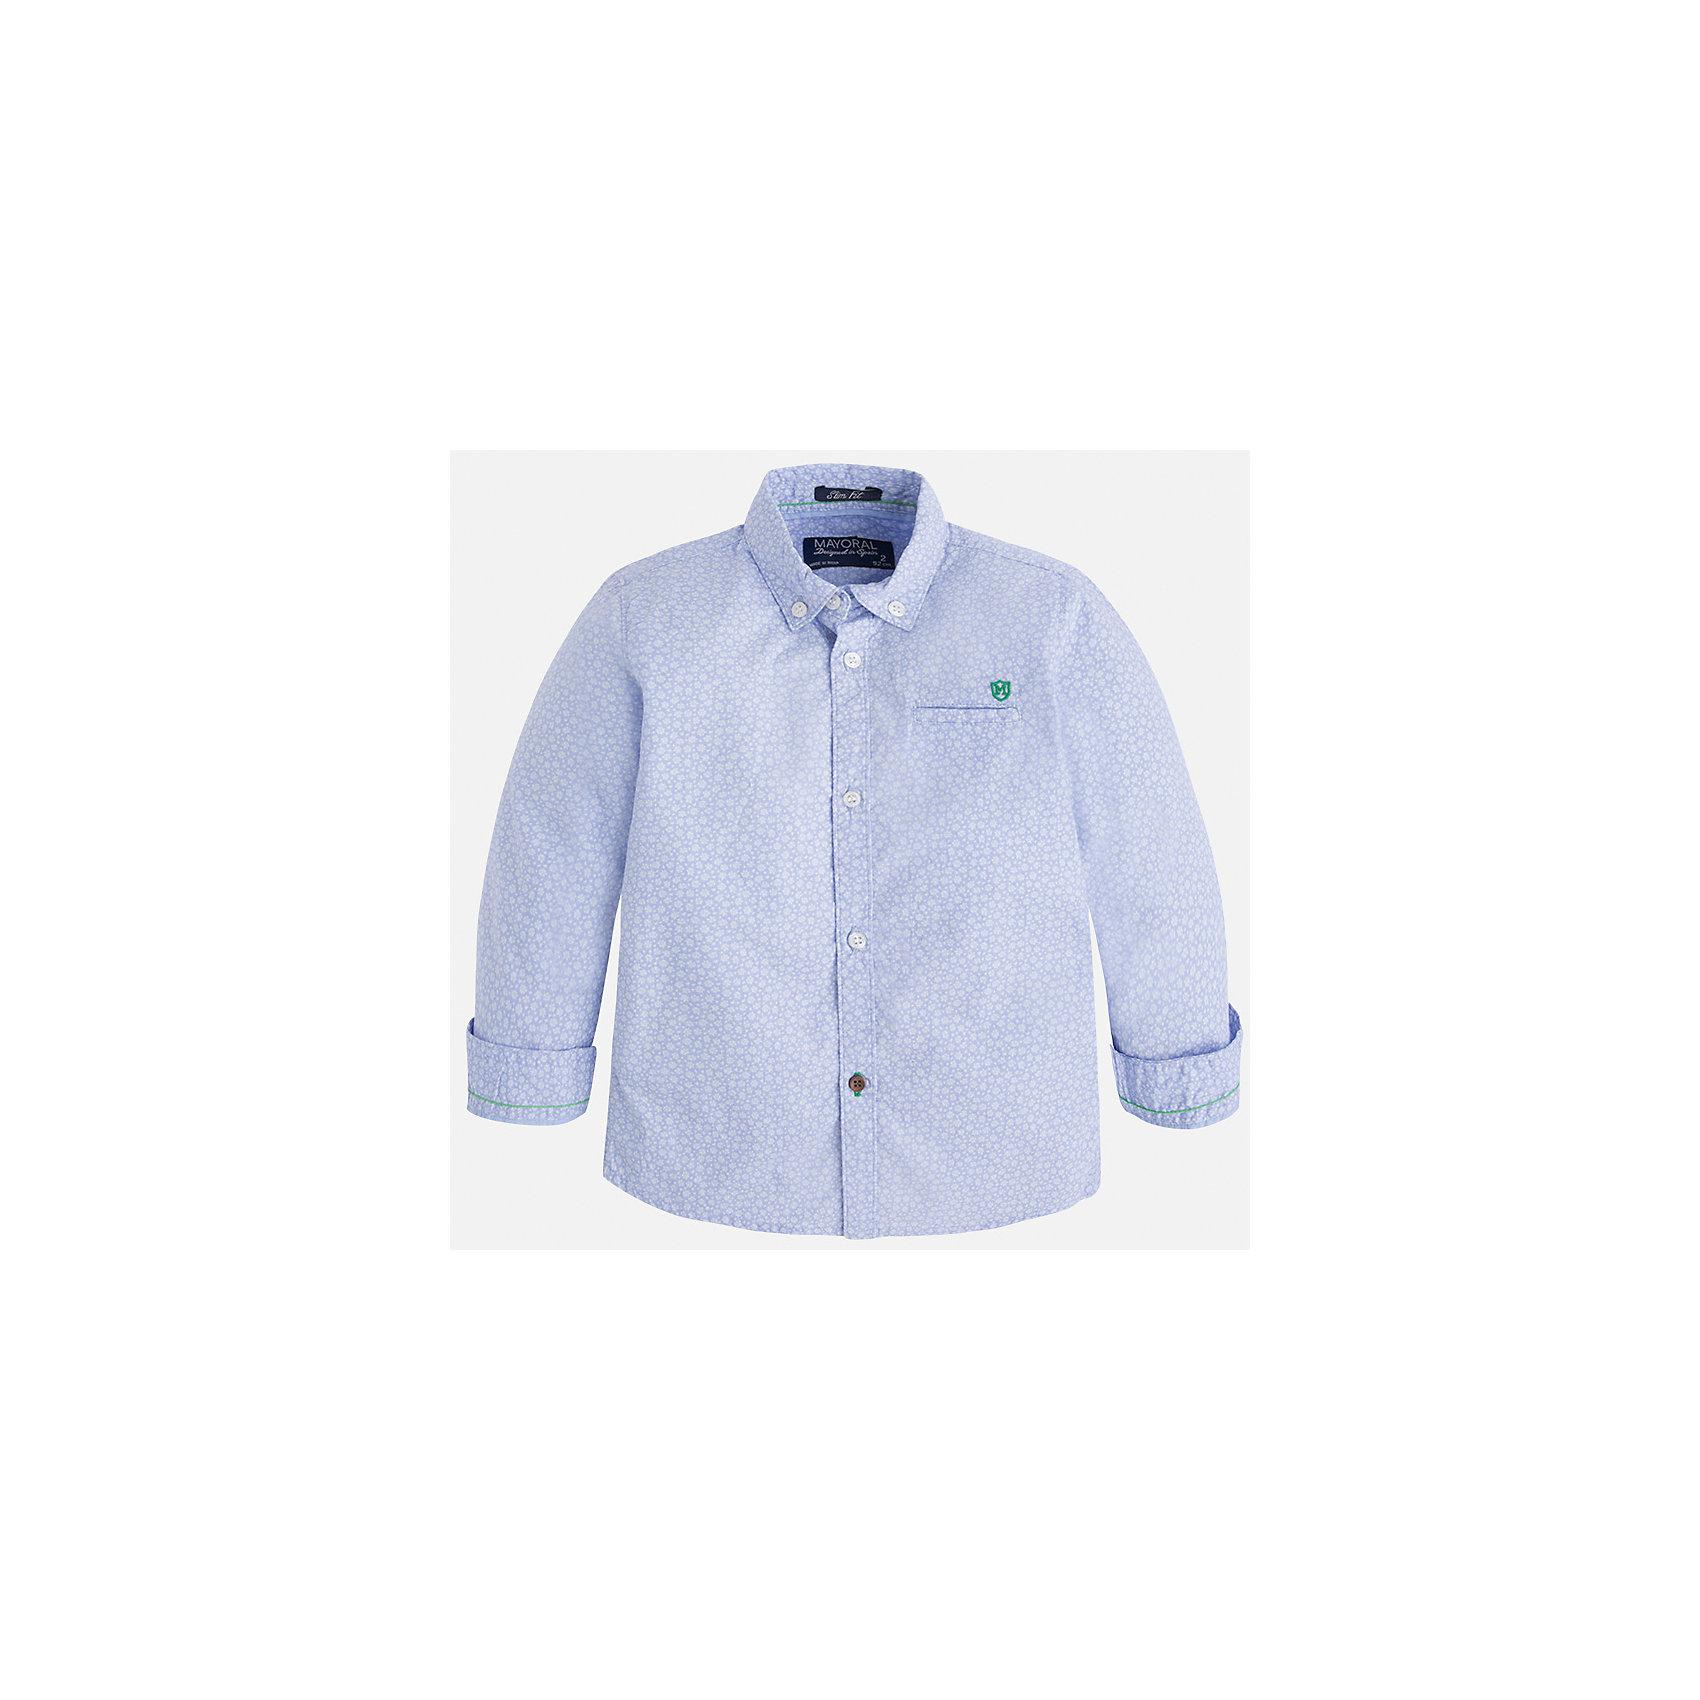 Рубашка для мальчика MayoralБлузки и рубашки<br>Характеристики товара:<br><br>• цвет: голубой<br>• состав: 100% хлопок<br>• отложной воротник<br>• рукава с отворотами<br>• застежка: пуговицы<br>• карман на груди<br>• страна бренда: Испания<br><br>Удобная модная рубашка-поло для мальчика может стать базовой вещью в гардеробе ребенка. Она отлично сочетается с брюками, шортами, джинсами и т.д. Универсальный крой и цвет позволяет подобрать к вещи низ разных расцветок. Практичное и стильное изделие! В составе материала - только натуральный хлопок, гипоаллергенный, приятный на ощупь, дышащий.<br><br>Одежда, обувь и аксессуары от испанского бренда Mayoral полюбились детям и взрослым по всему миру. Модели этой марки - стильные и удобные. Для их производства используются только безопасные, качественные материалы и фурнитура. Порадуйте ребенка модными и красивыми вещами от Mayoral! <br><br>Рубашку-поло для мальчика от испанского бренда Mayoral (Майорал) можно купить в нашем интернет-магазине.<br><br>Ширина мм: 174<br>Глубина мм: 10<br>Высота мм: 169<br>Вес г: 157<br>Цвет: голубой<br>Возраст от месяцев: 72<br>Возраст до месяцев: 84<br>Пол: Мужской<br>Возраст: Детский<br>Размер: 122,104,134,128,116,110,98,92<br>SKU: 5272405